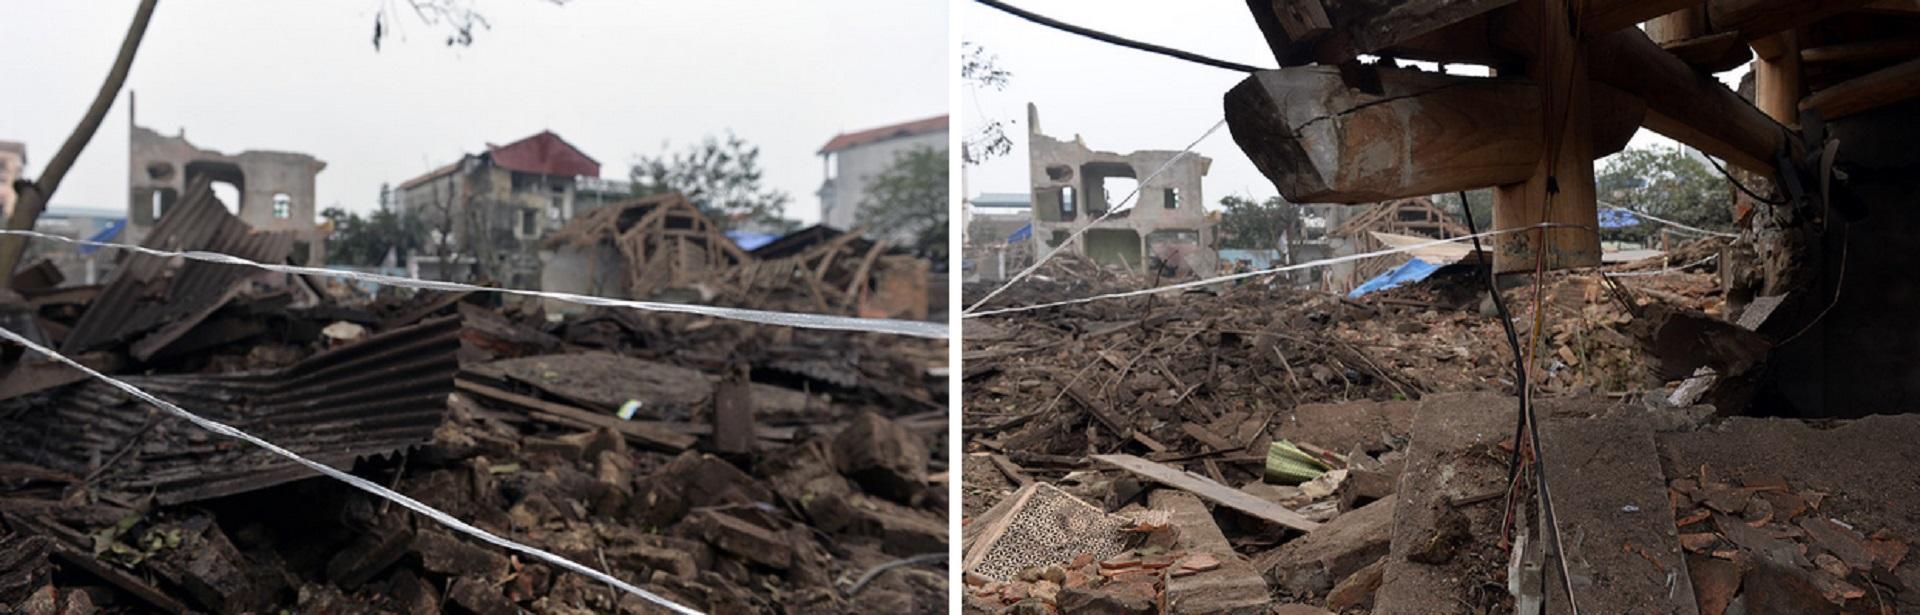 Phía sau vụ nổ chấn động ngôi làng tỷ phú-3